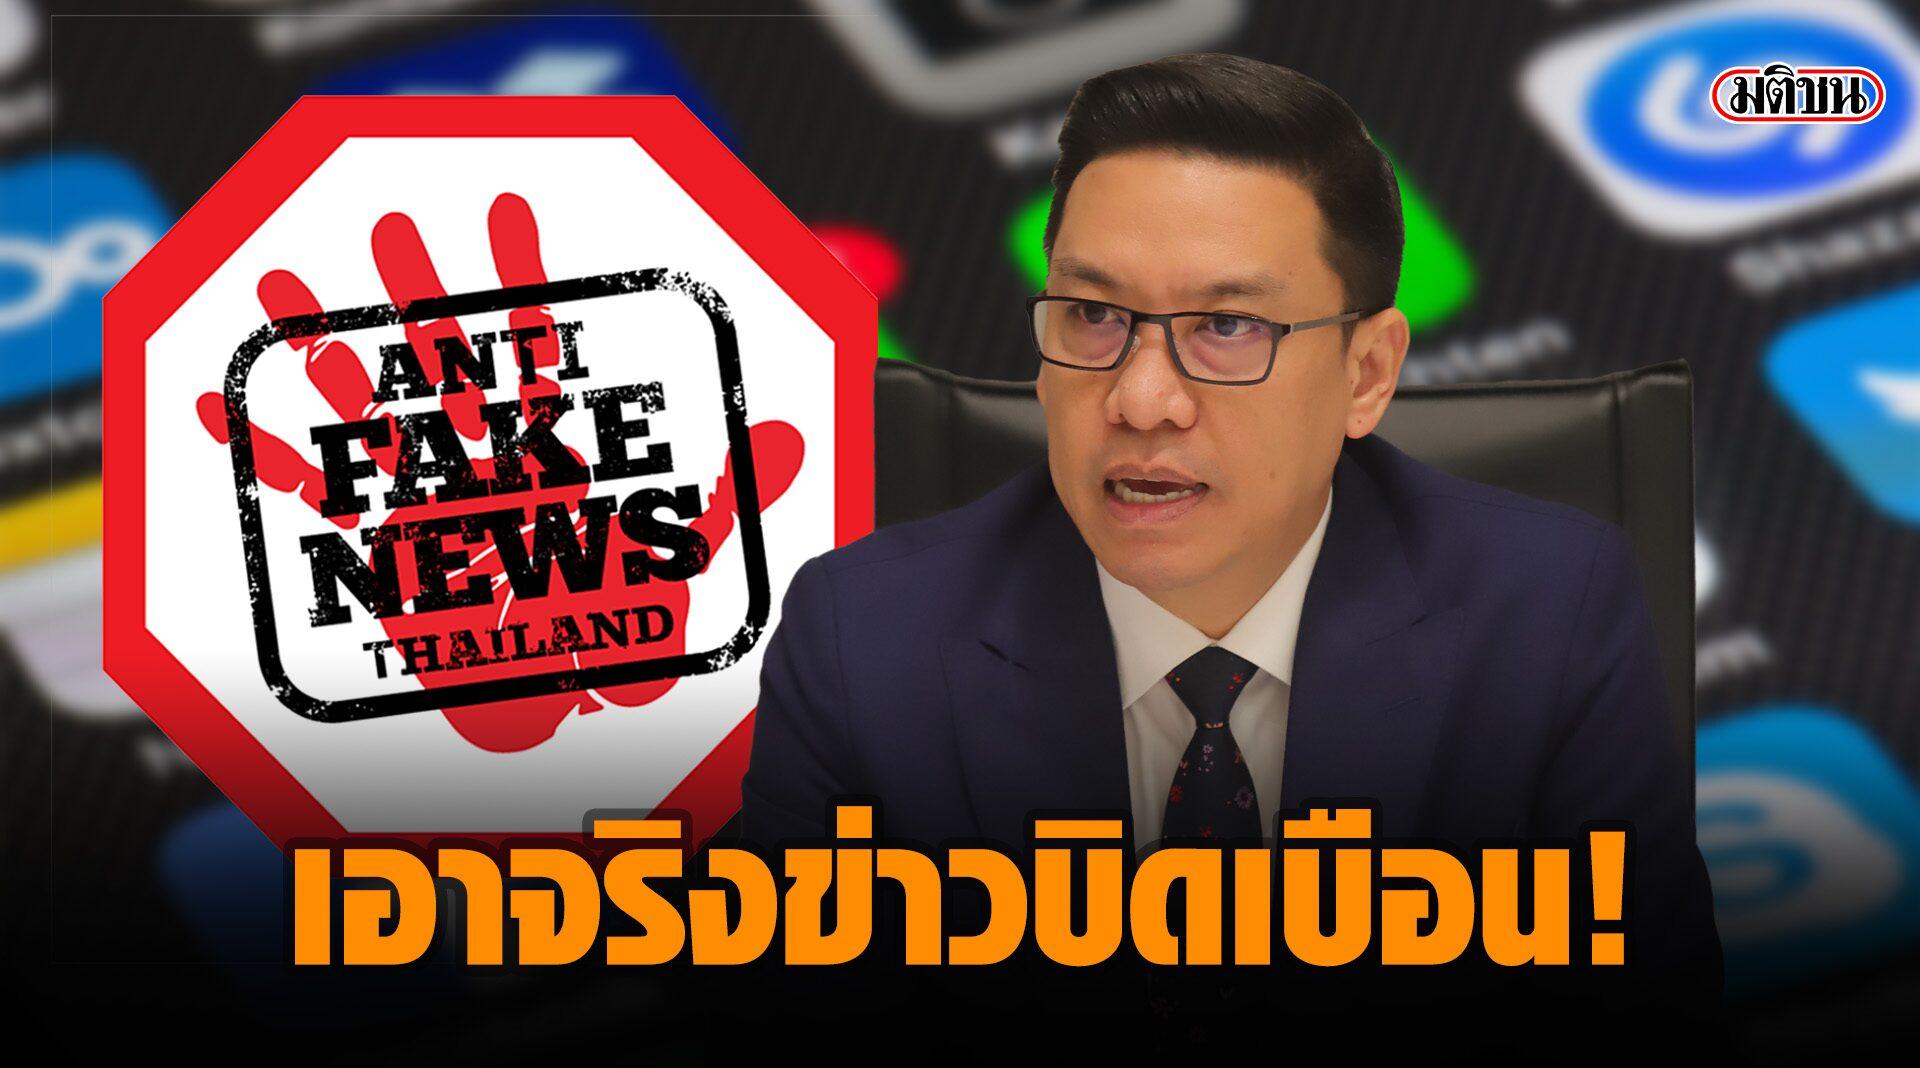 'พุทธิพงษ์' เตือน ปชช. ใช้สื่อออนไลน์อย่างระมัดระวัง ยันใช้ กม.กับคนสร้างข่าวบิดเบือน